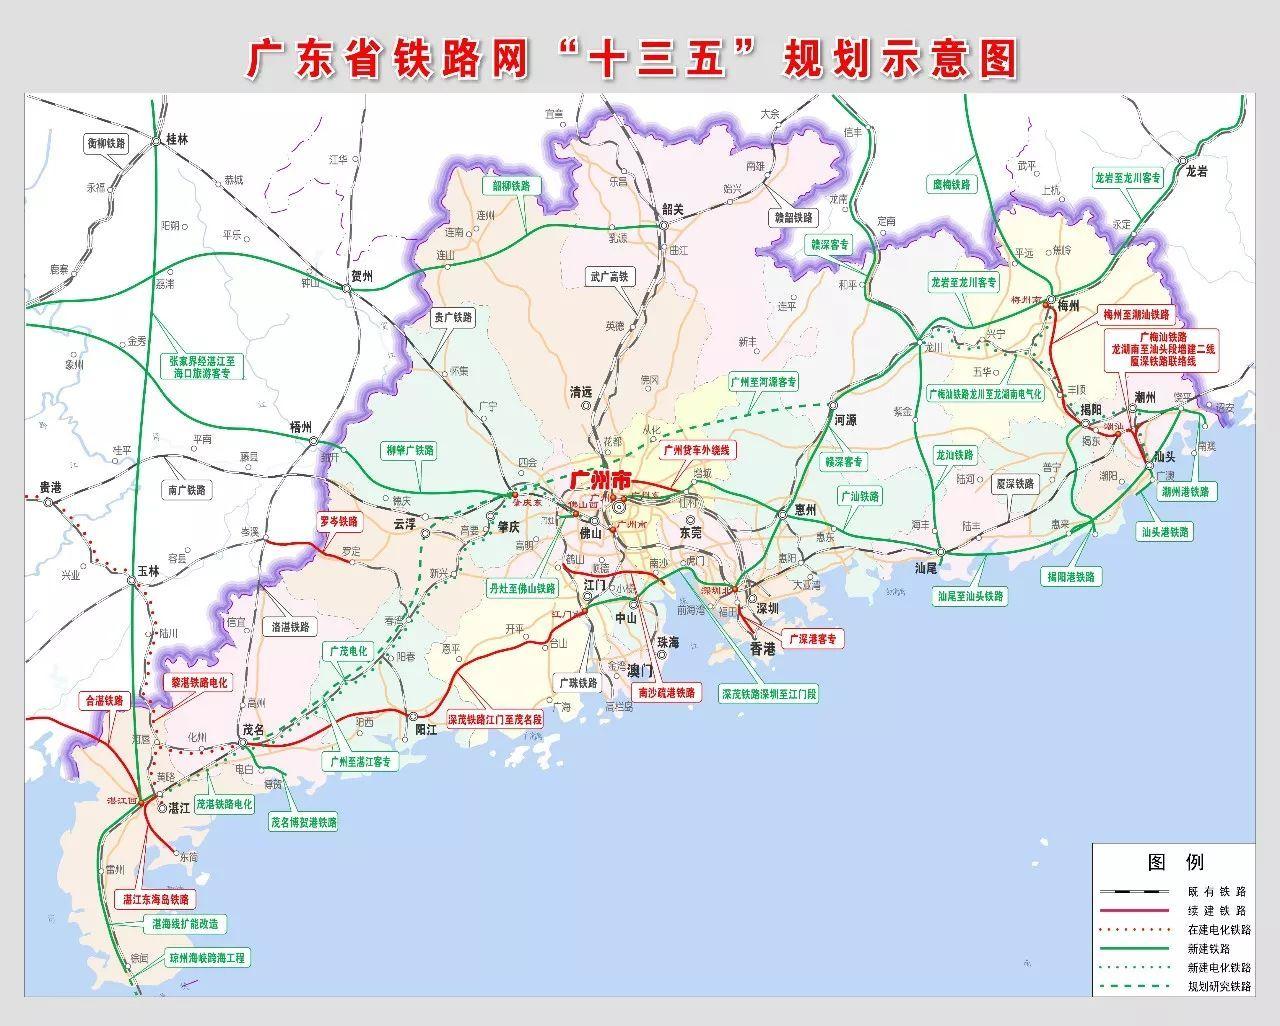 凌源高铁规划图2020